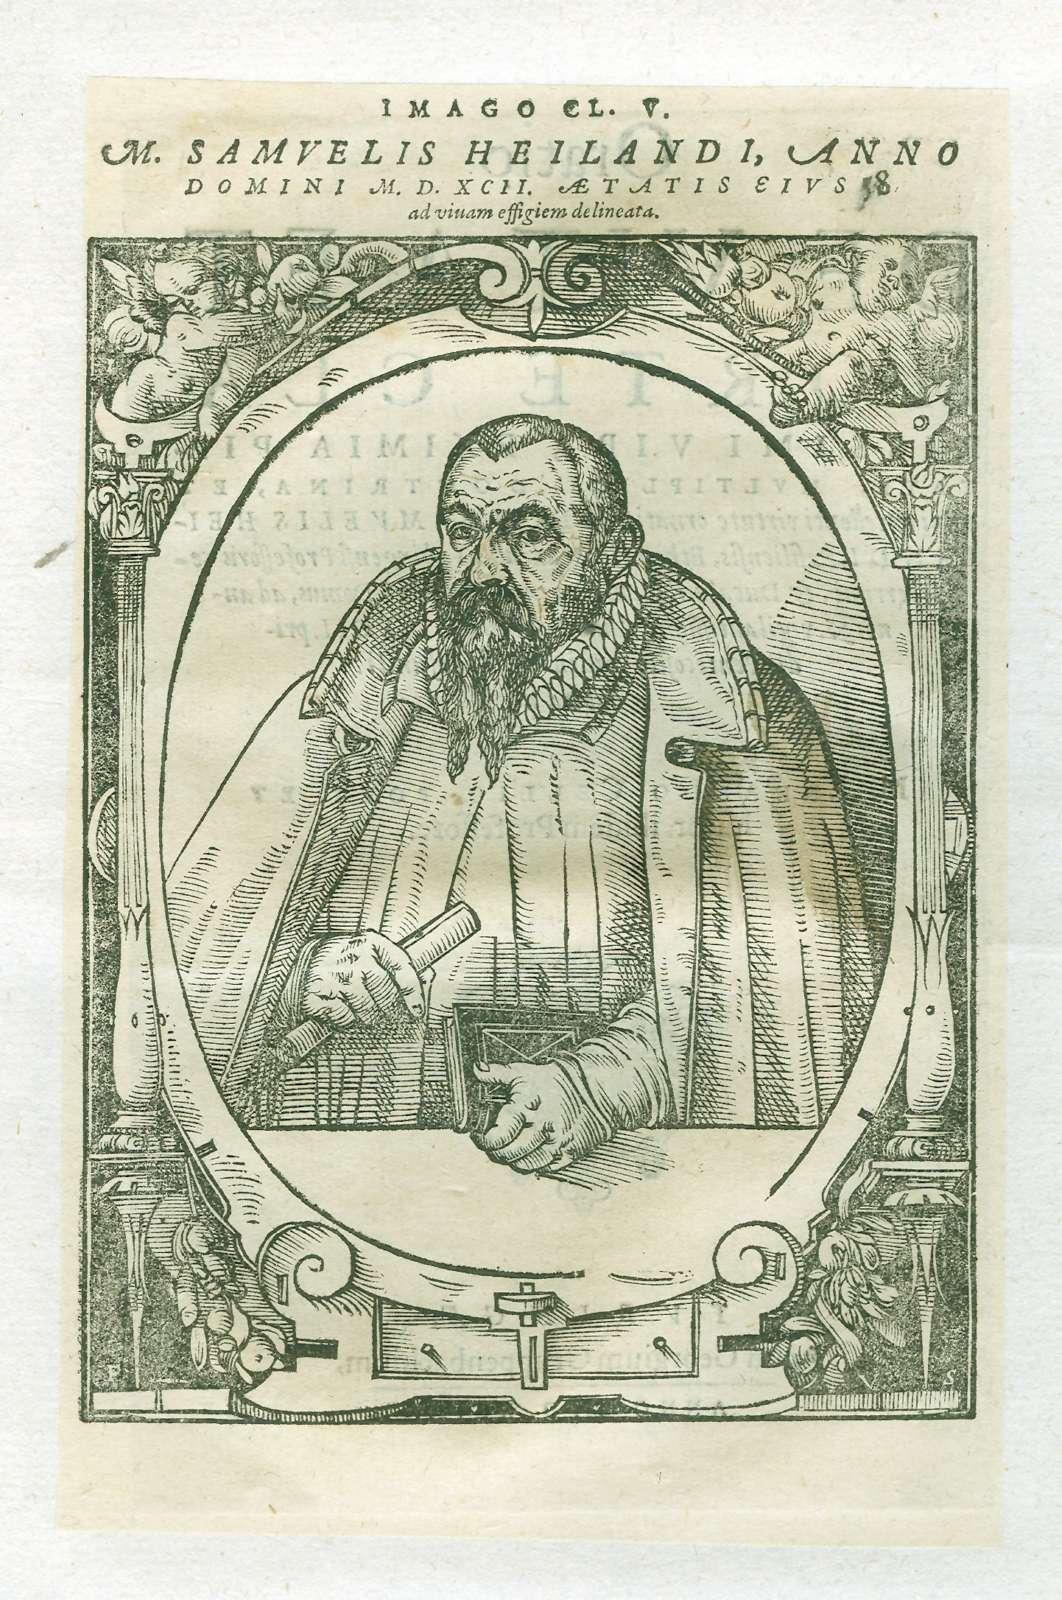 Leichenpredigten zu Mitgliedern der Familien Hehl, Heider, Heilbrunner und Heiland, Bild 1